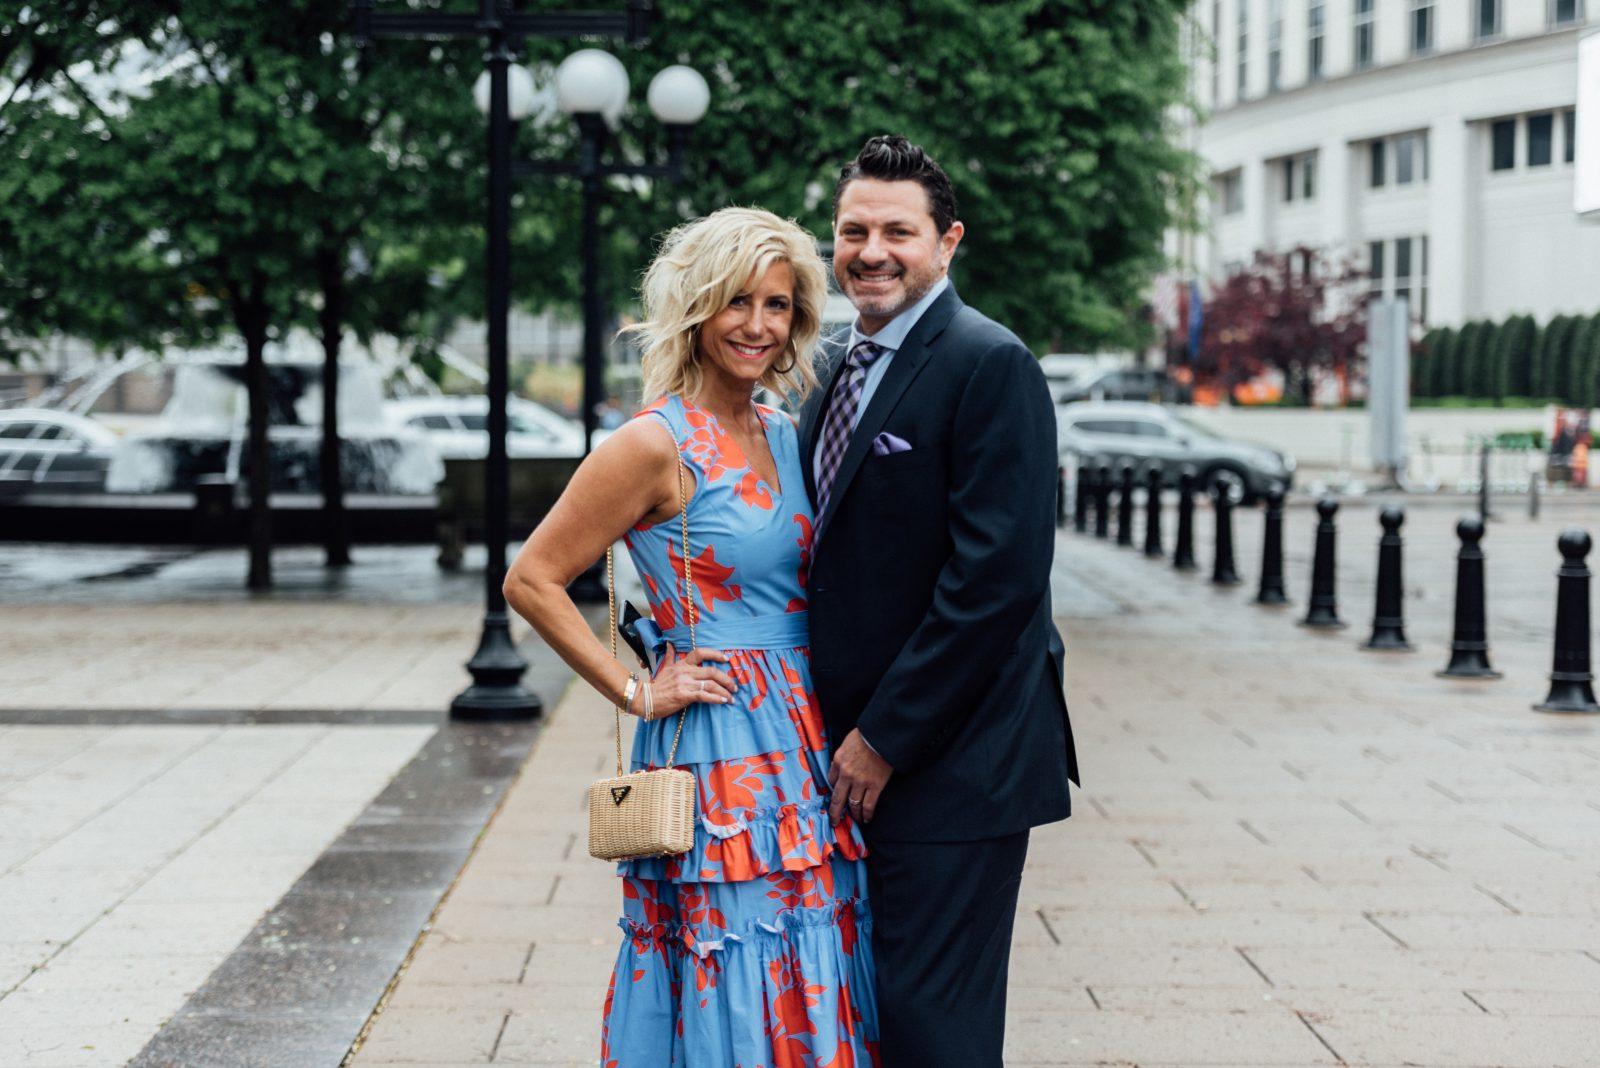 Amanda Schwartz in Carolina Herrara & (husband) in Canali